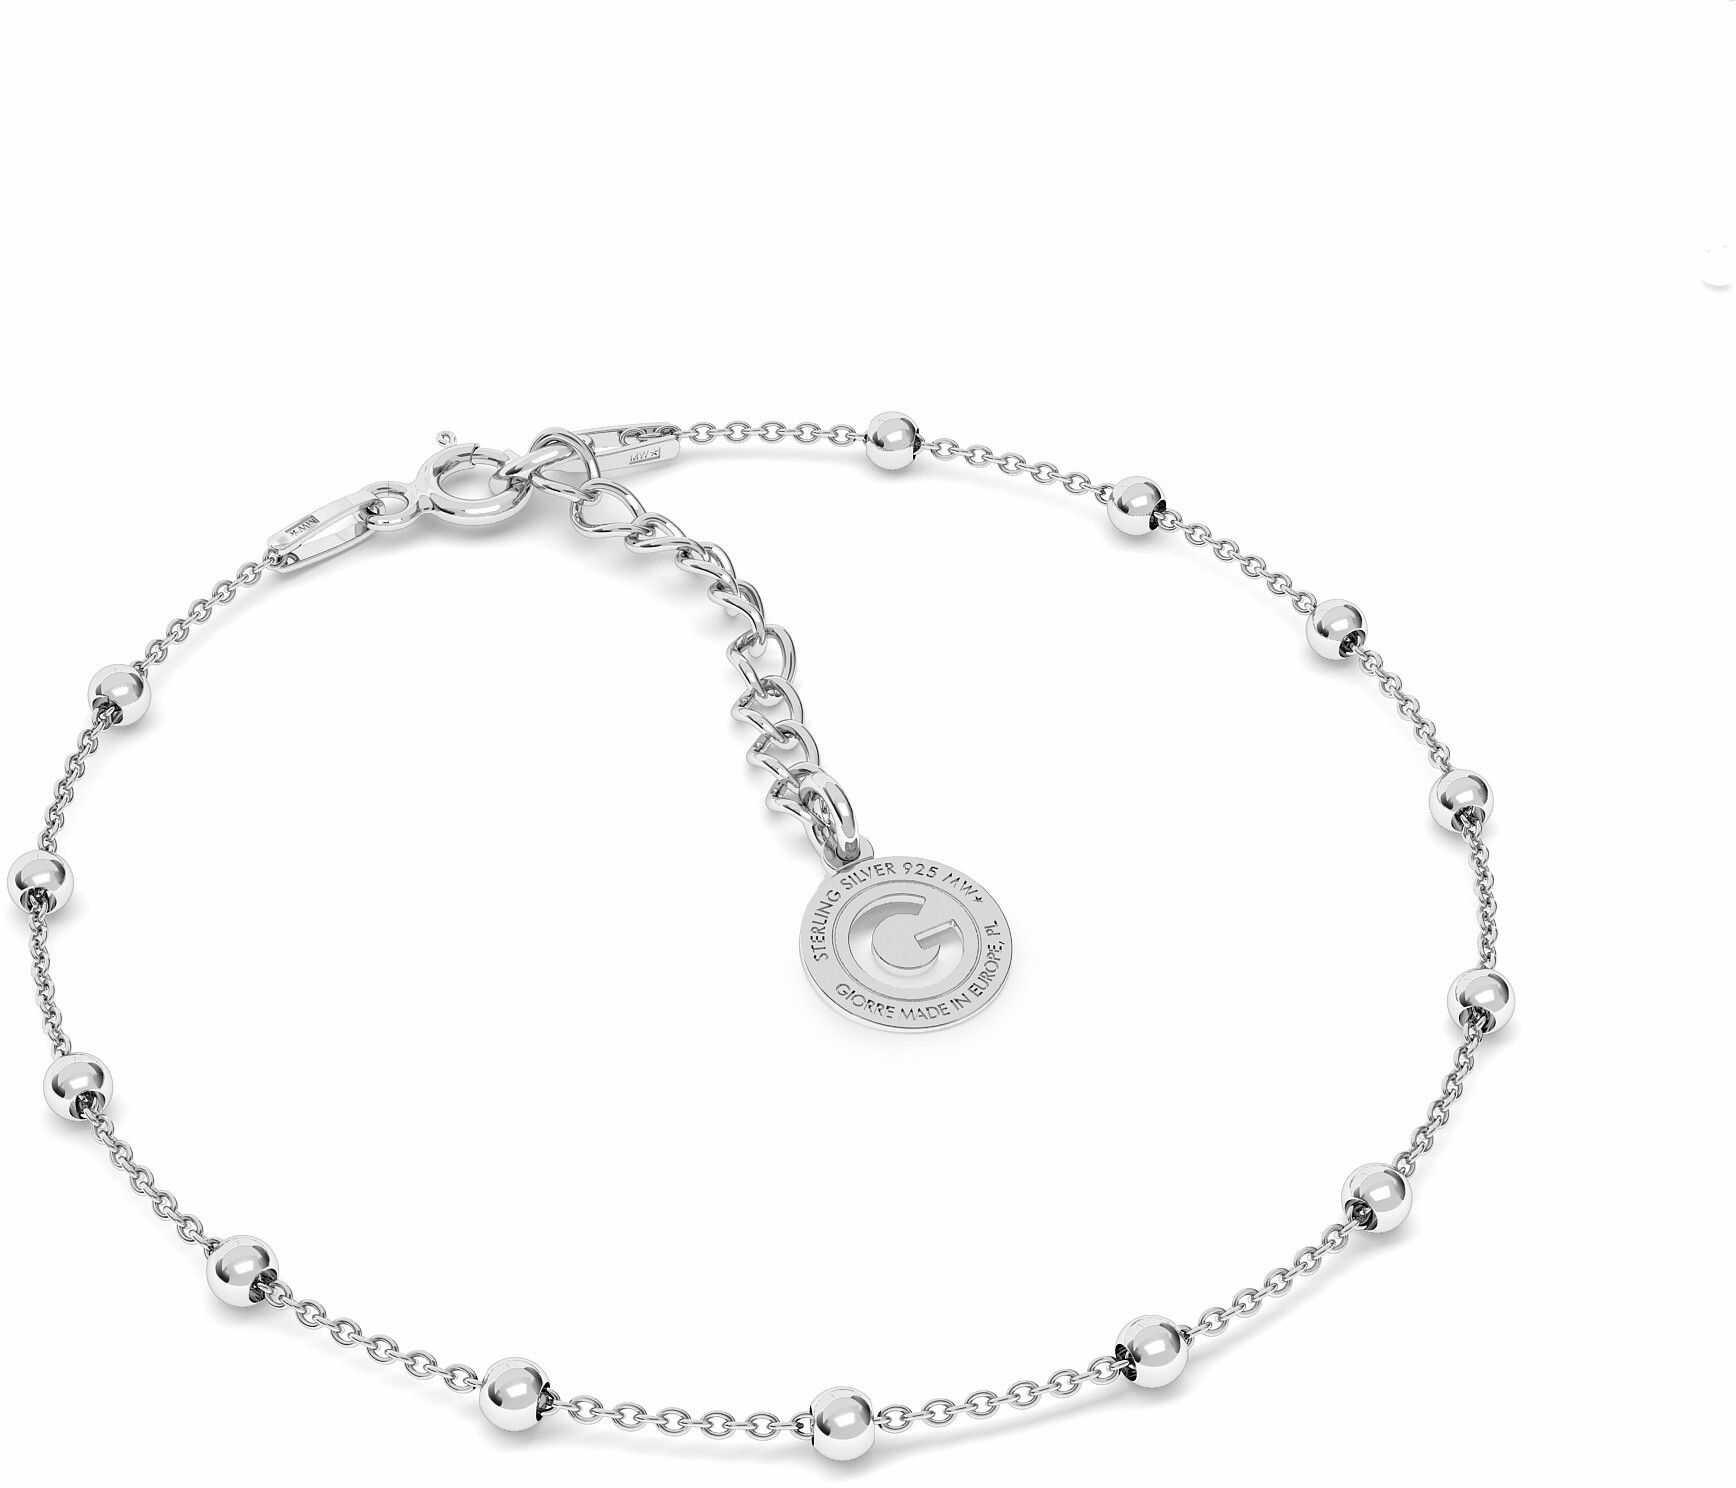 Srebrna bransoletka łańcuszkowa ankier z kulkami, srebro 925 : Srebro - kolor pokrycia - Pokrycie platyną